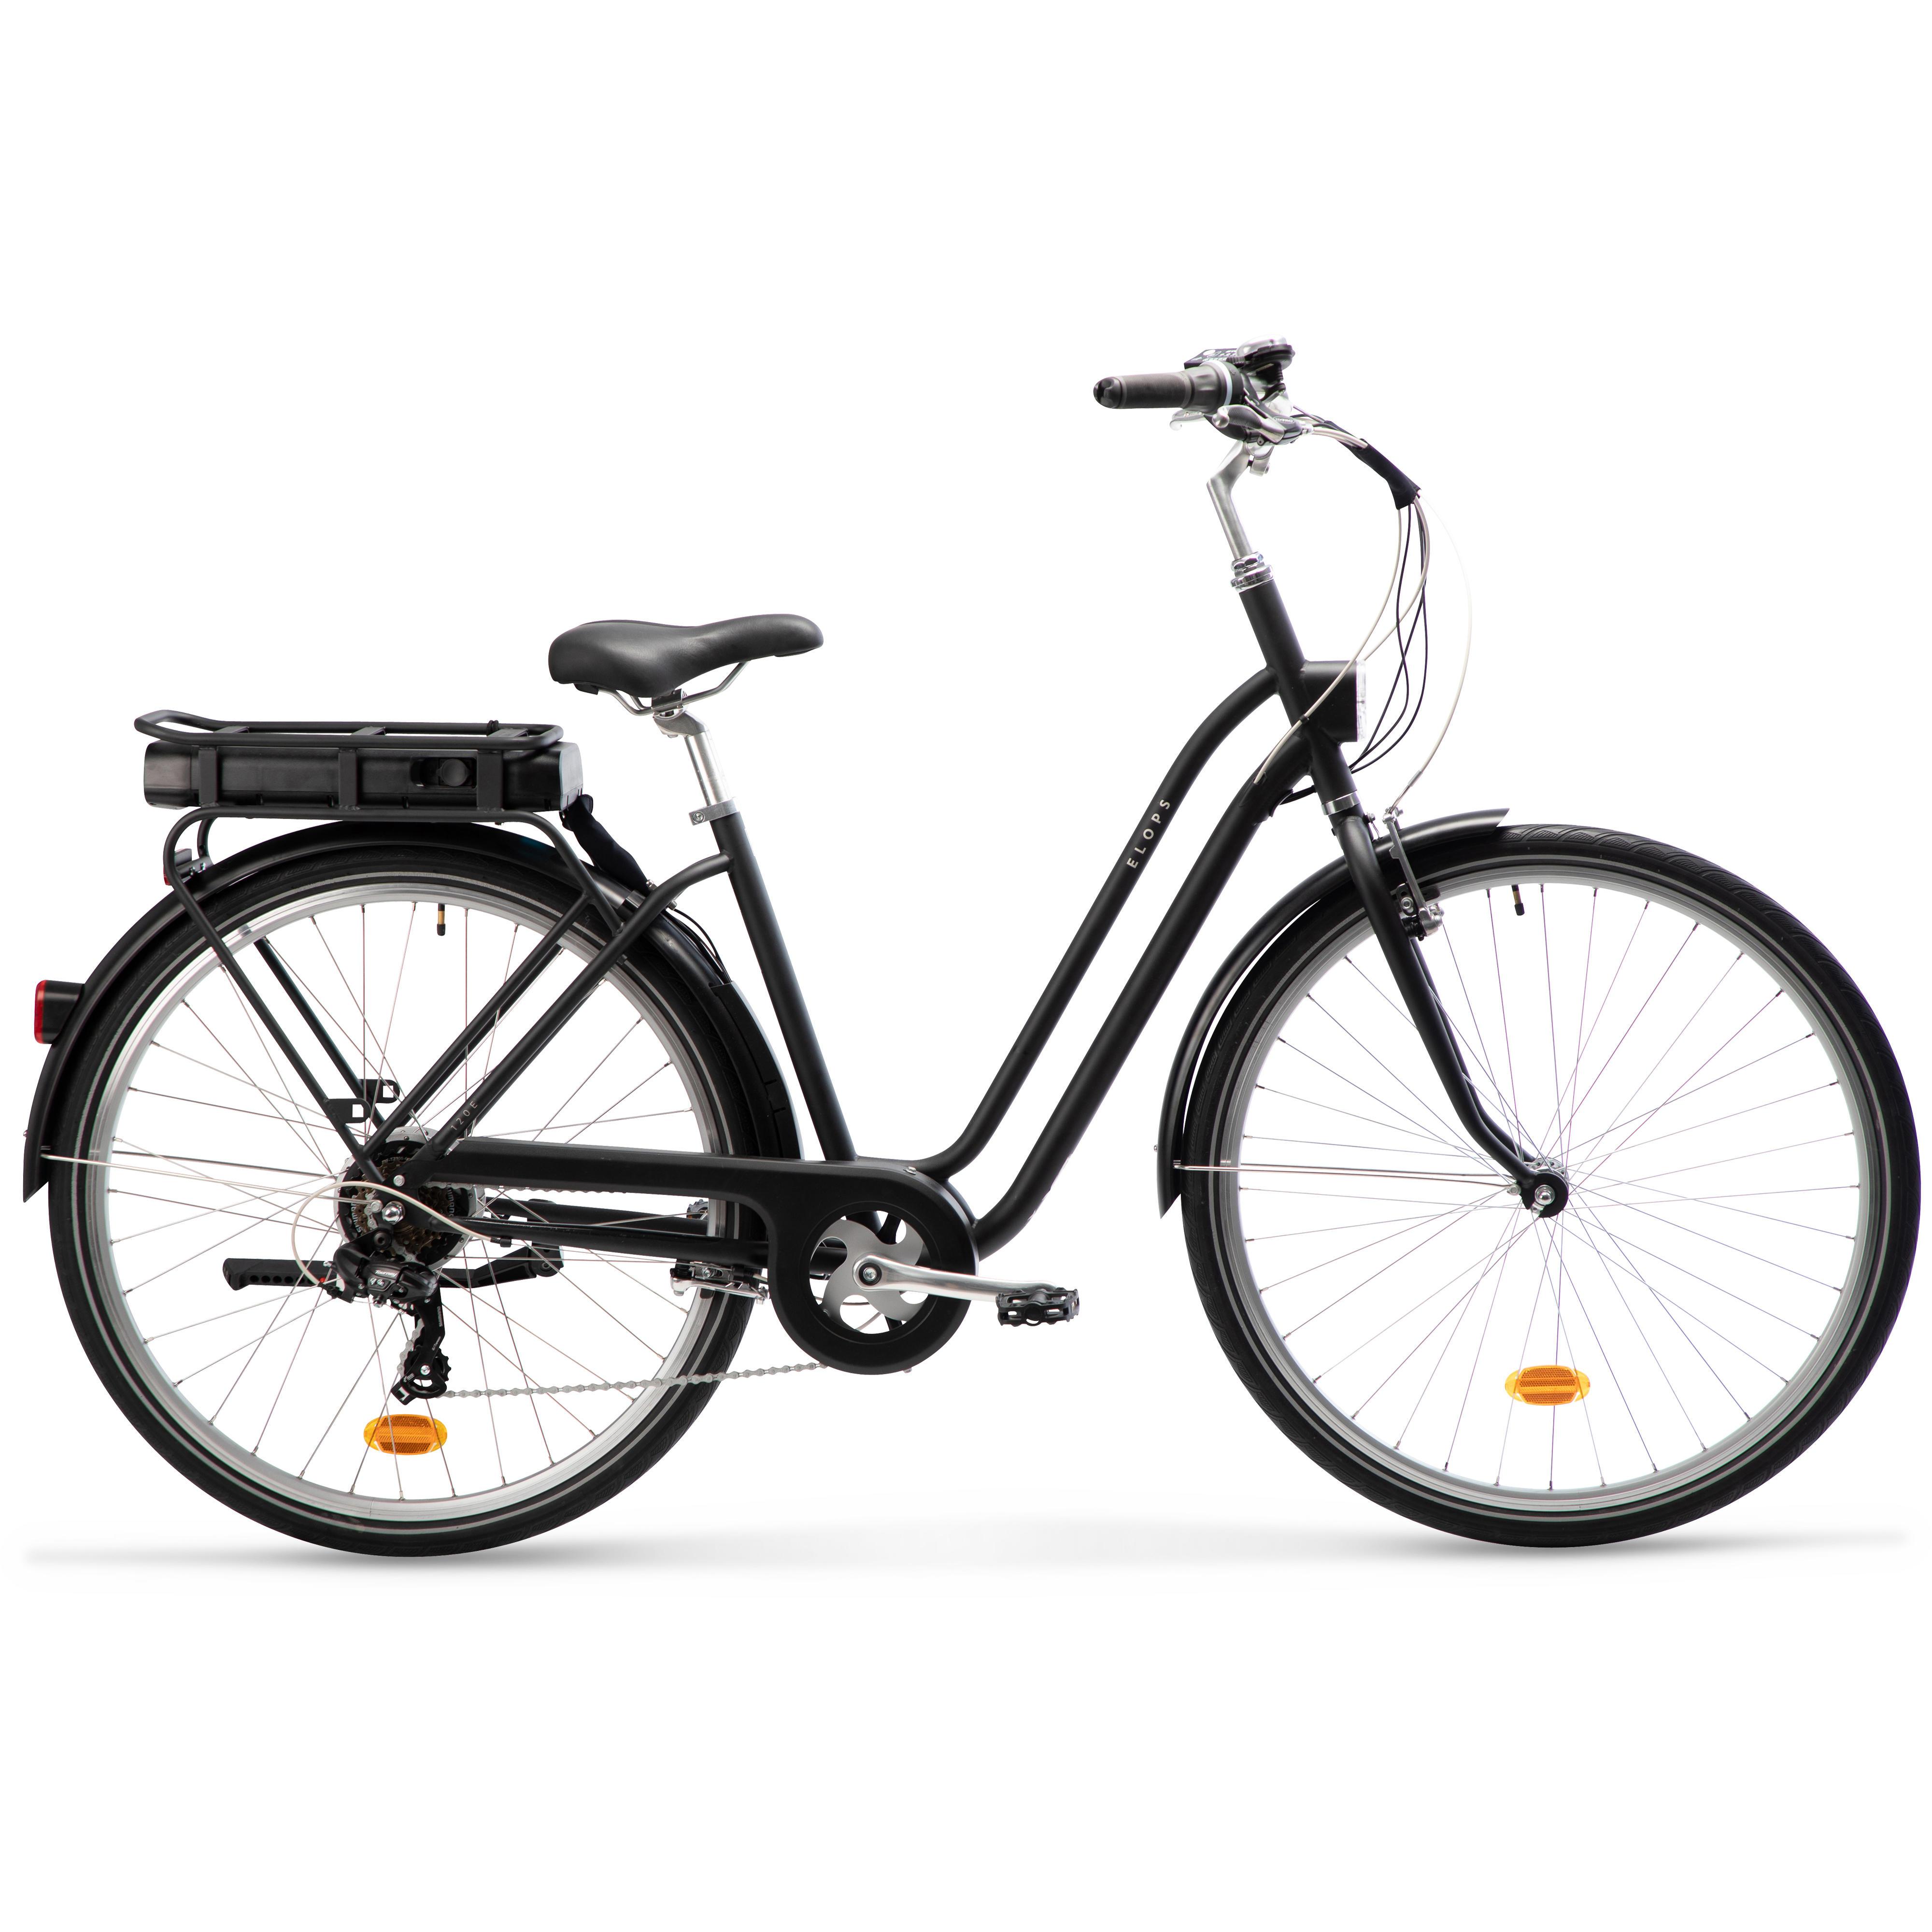 Fiets kopen?   Beste prijs-kwaliteit fietsen   Decathlon.nl